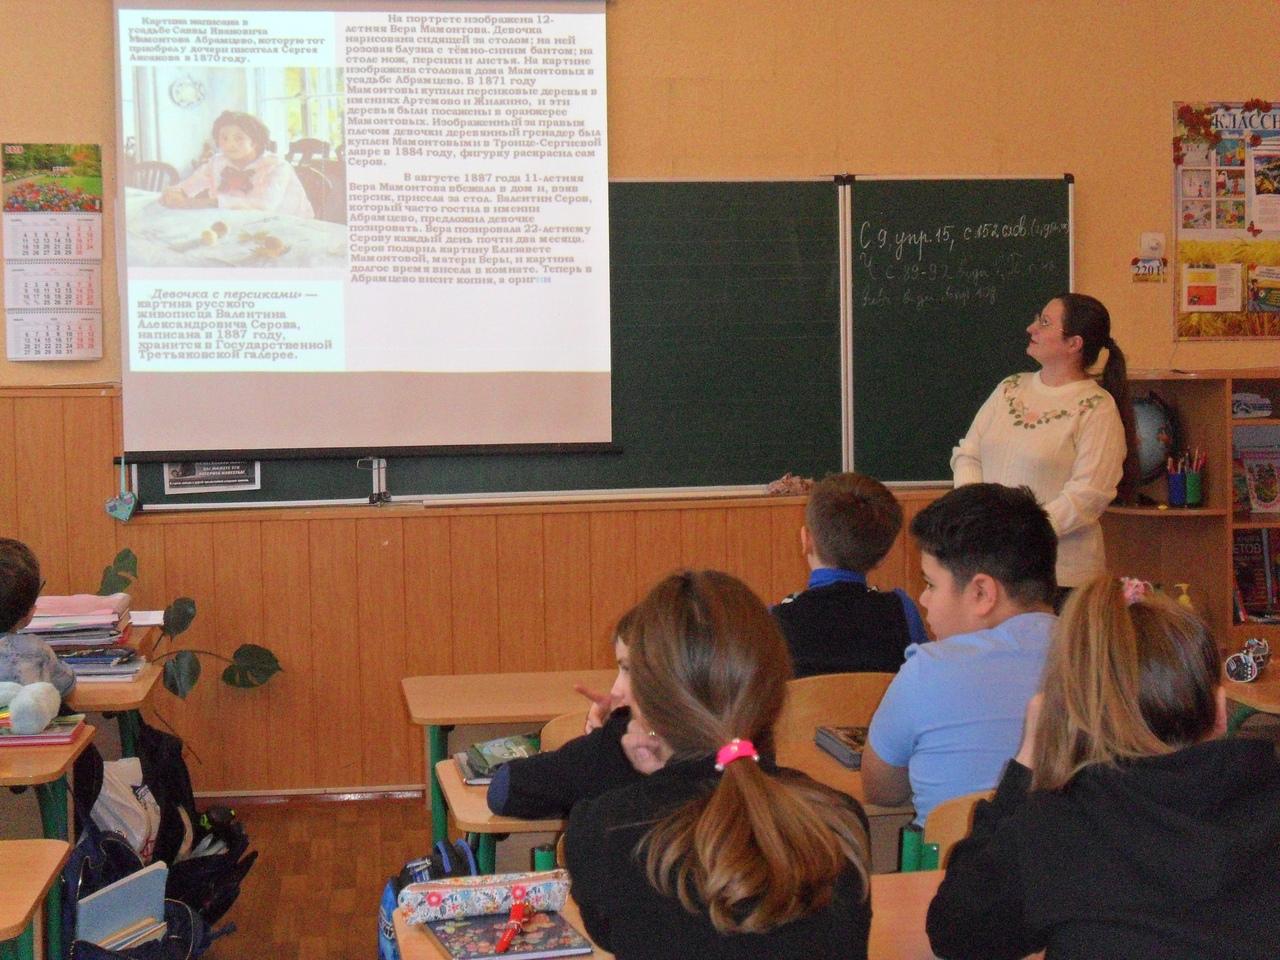 донецкая республиканская библиотека для детей, занятия с детьми, детям о русских художниках, отдел искусств